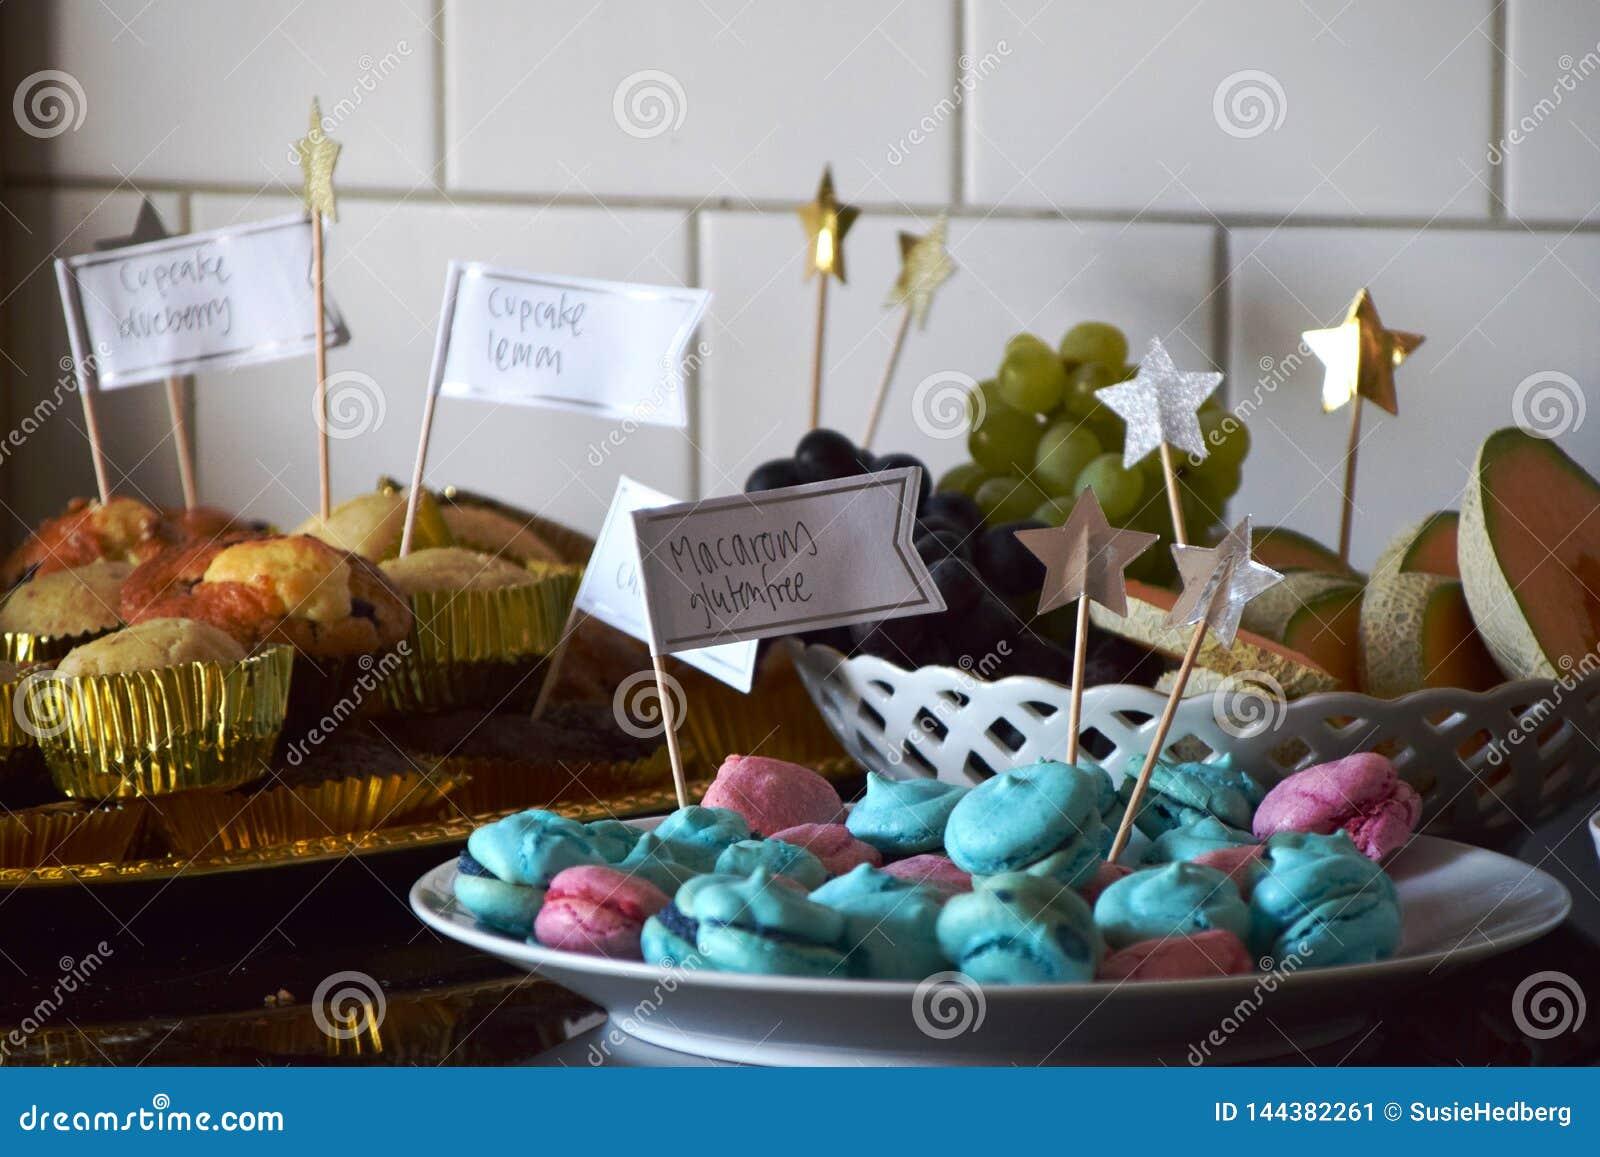 Bufete da sobremesa com queques, macarons e fruto